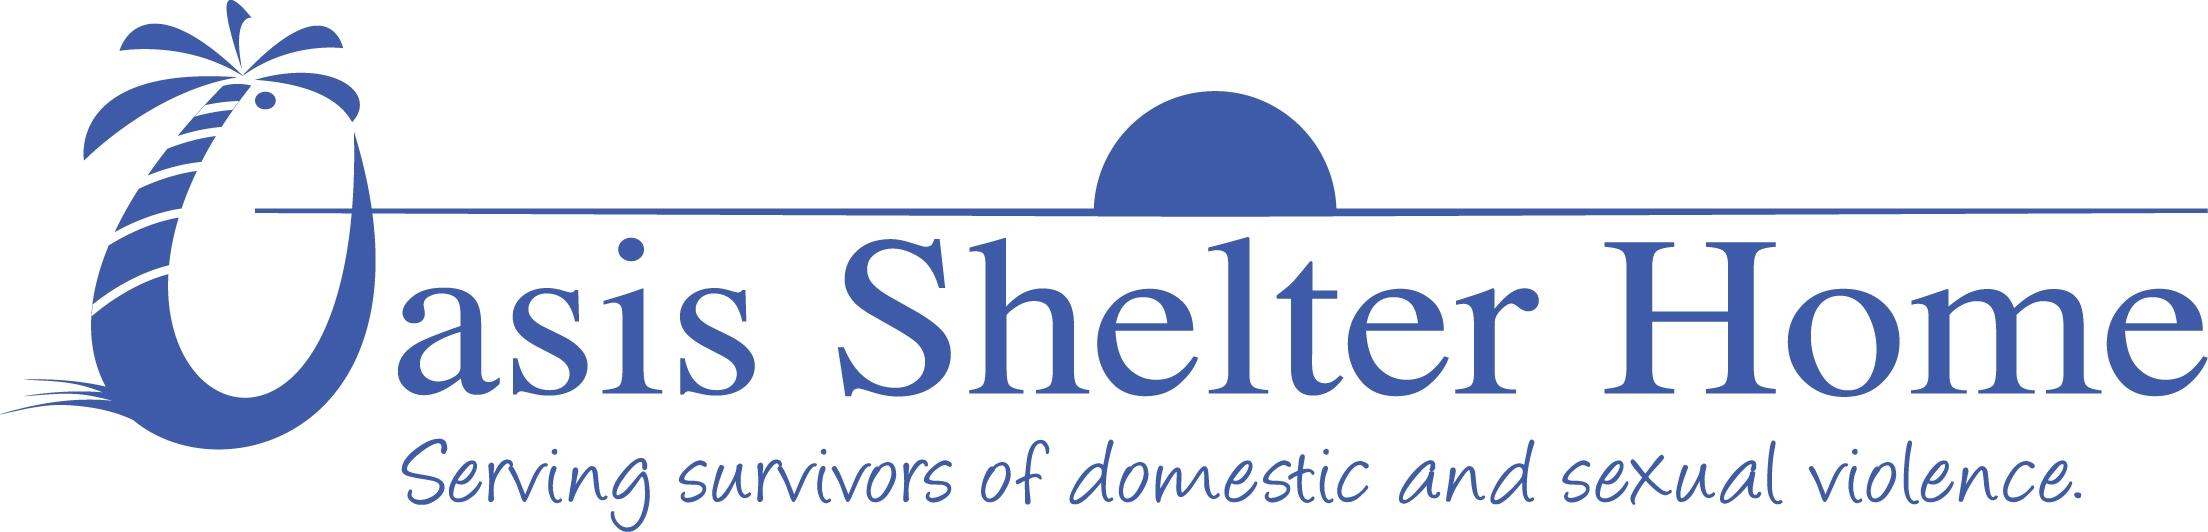 Oasis Shelter Home logo